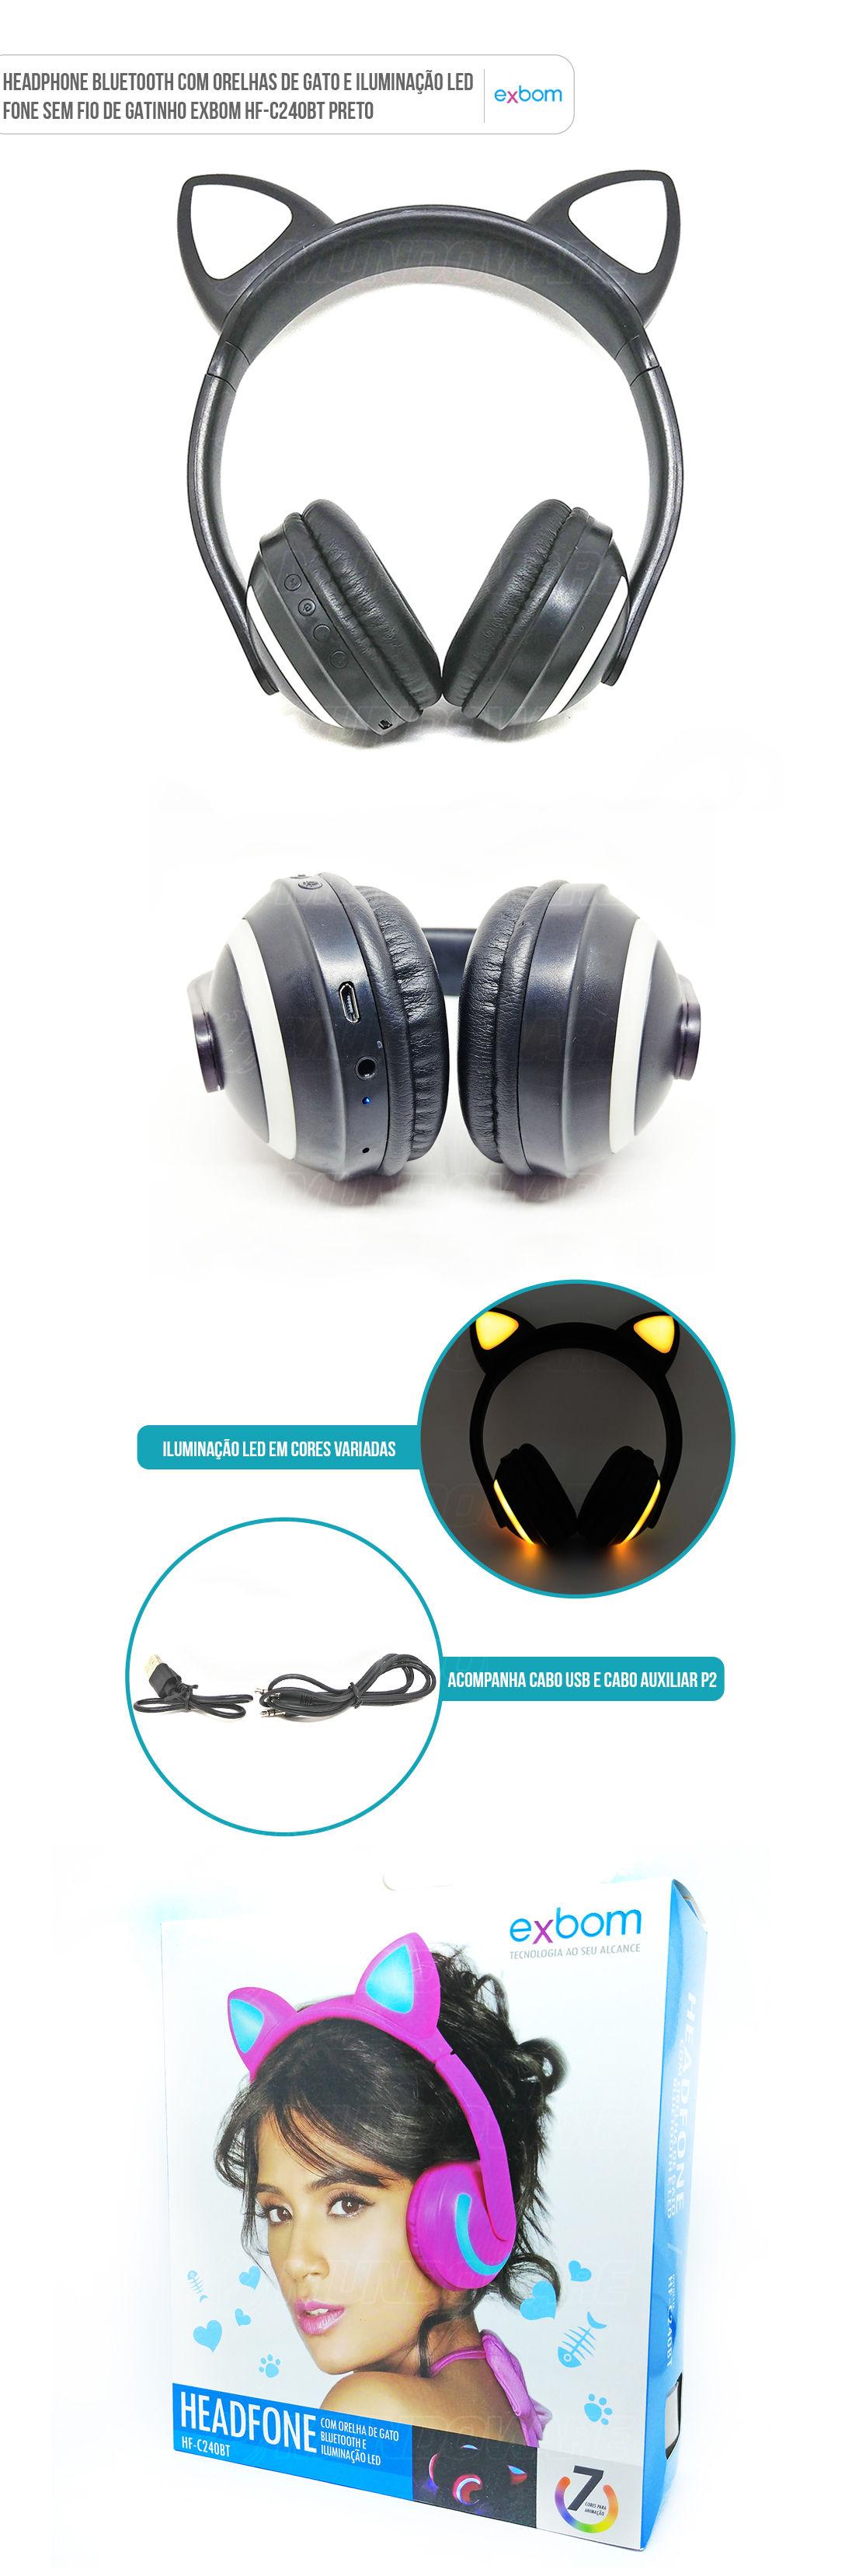 Fone Orelhas de Gatinho Sem Fio Bluetooth com Iluminação LED